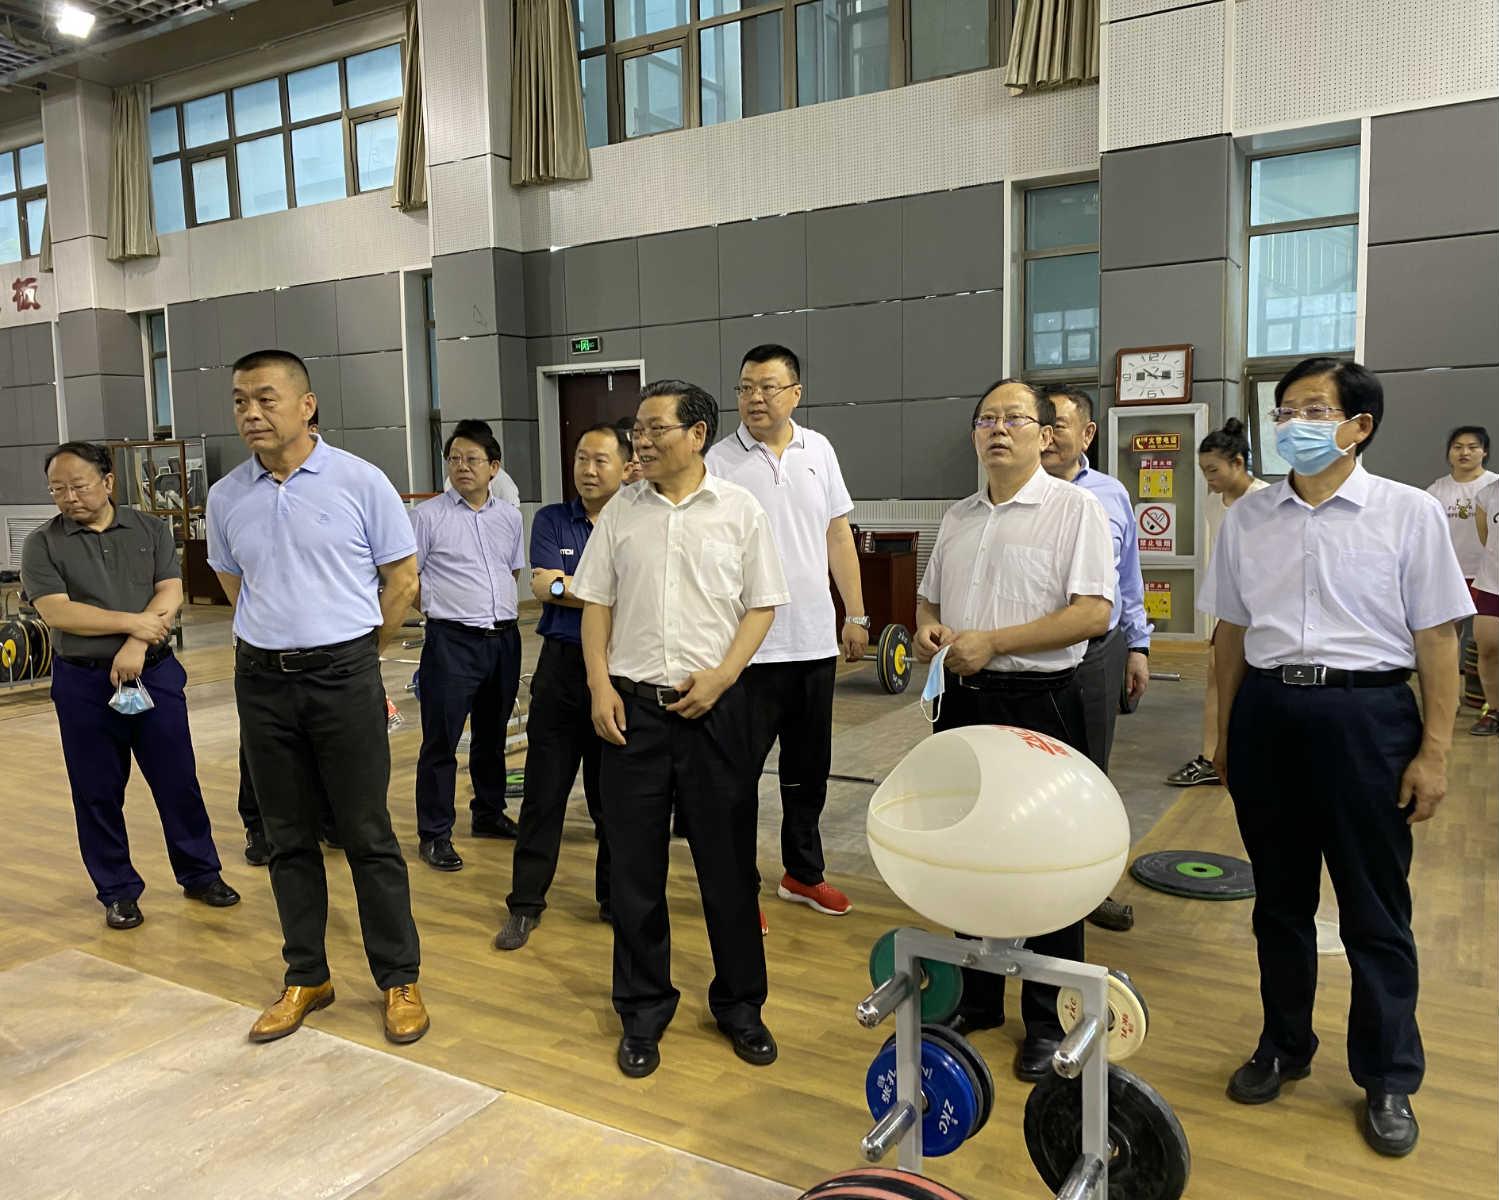 国家体育总局党组书记、局长苟仲文调研山东省体育训练中心